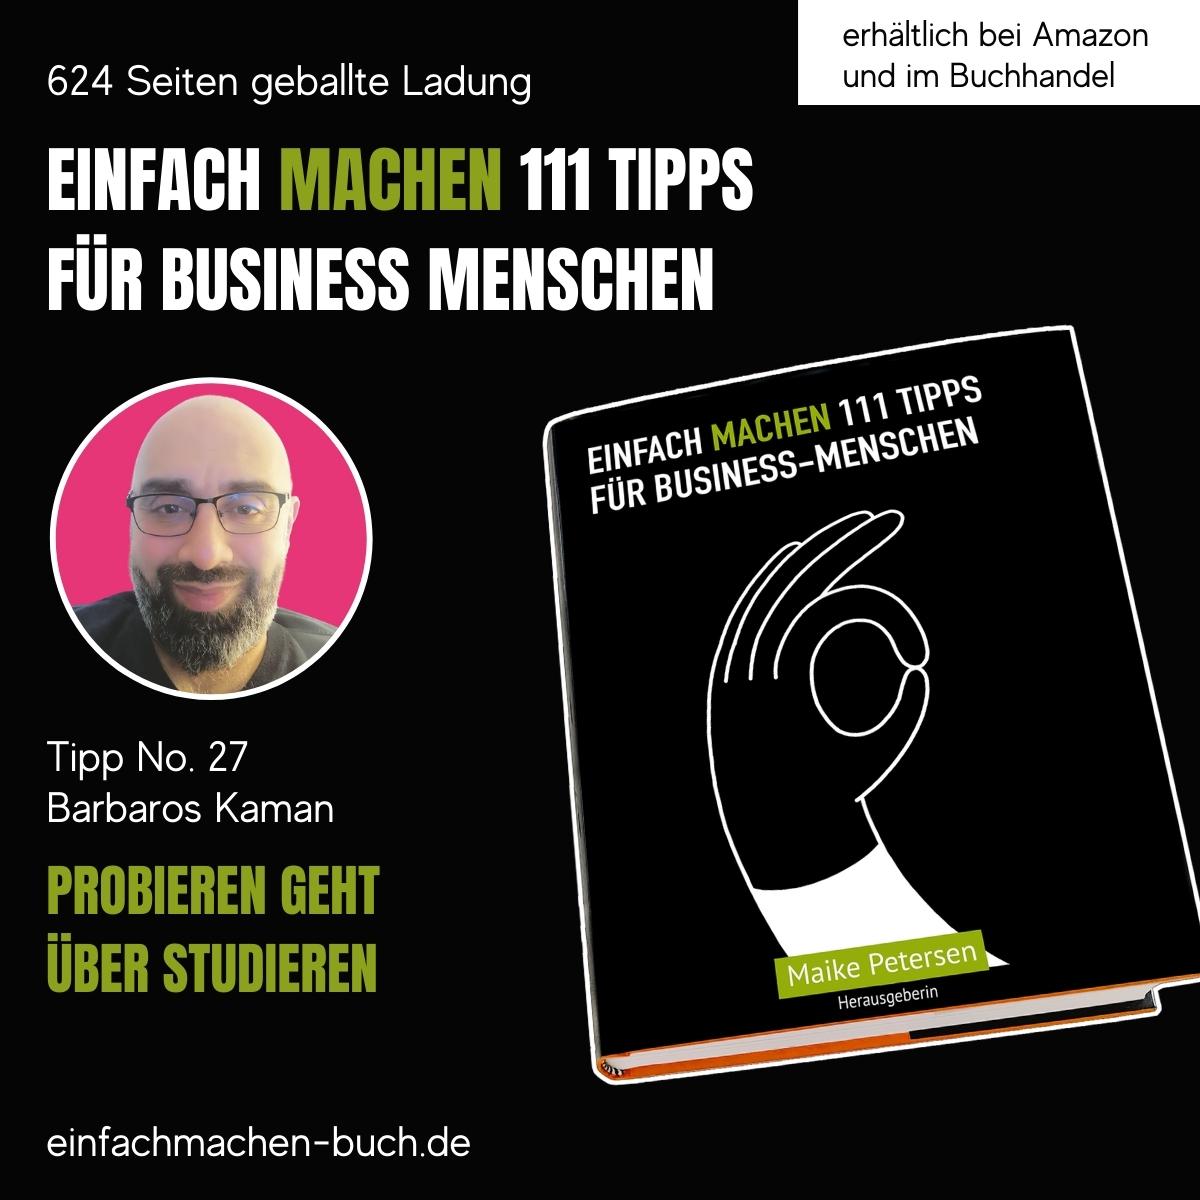 EINFACH MACHEN 111 TIPPS FÜR BUSINESS-MENSCHEN | Tipp No. 27 Barbaros Kaman